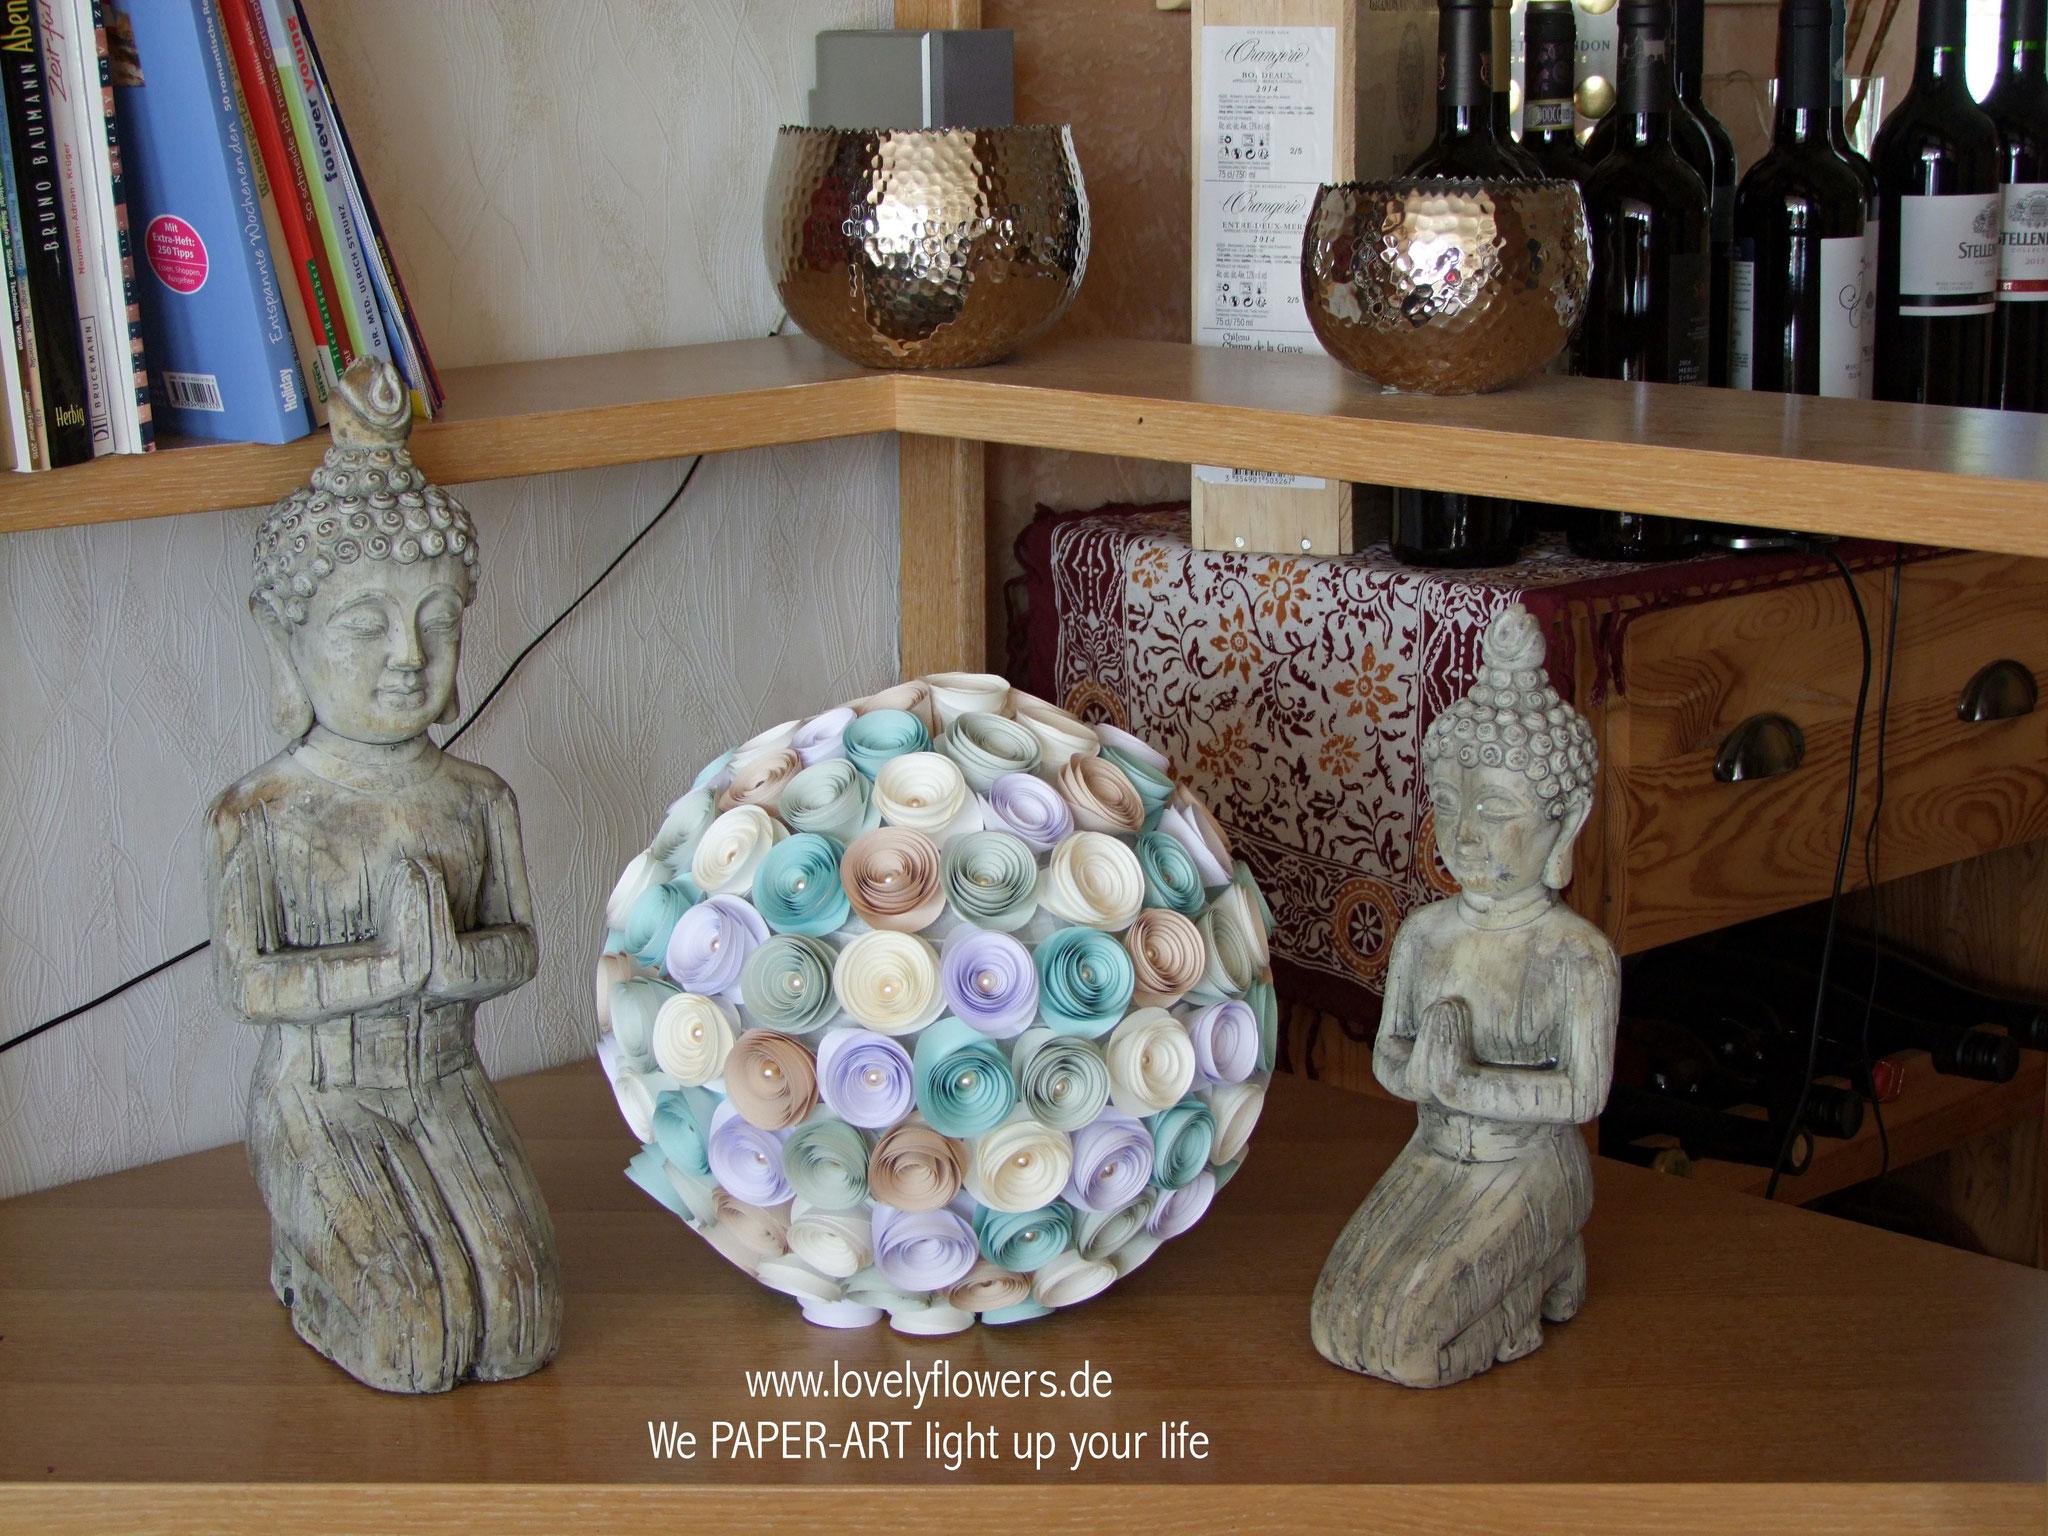 www.lovelyflowers.de - Paper Art Kugellampen passen in jedes Regal!